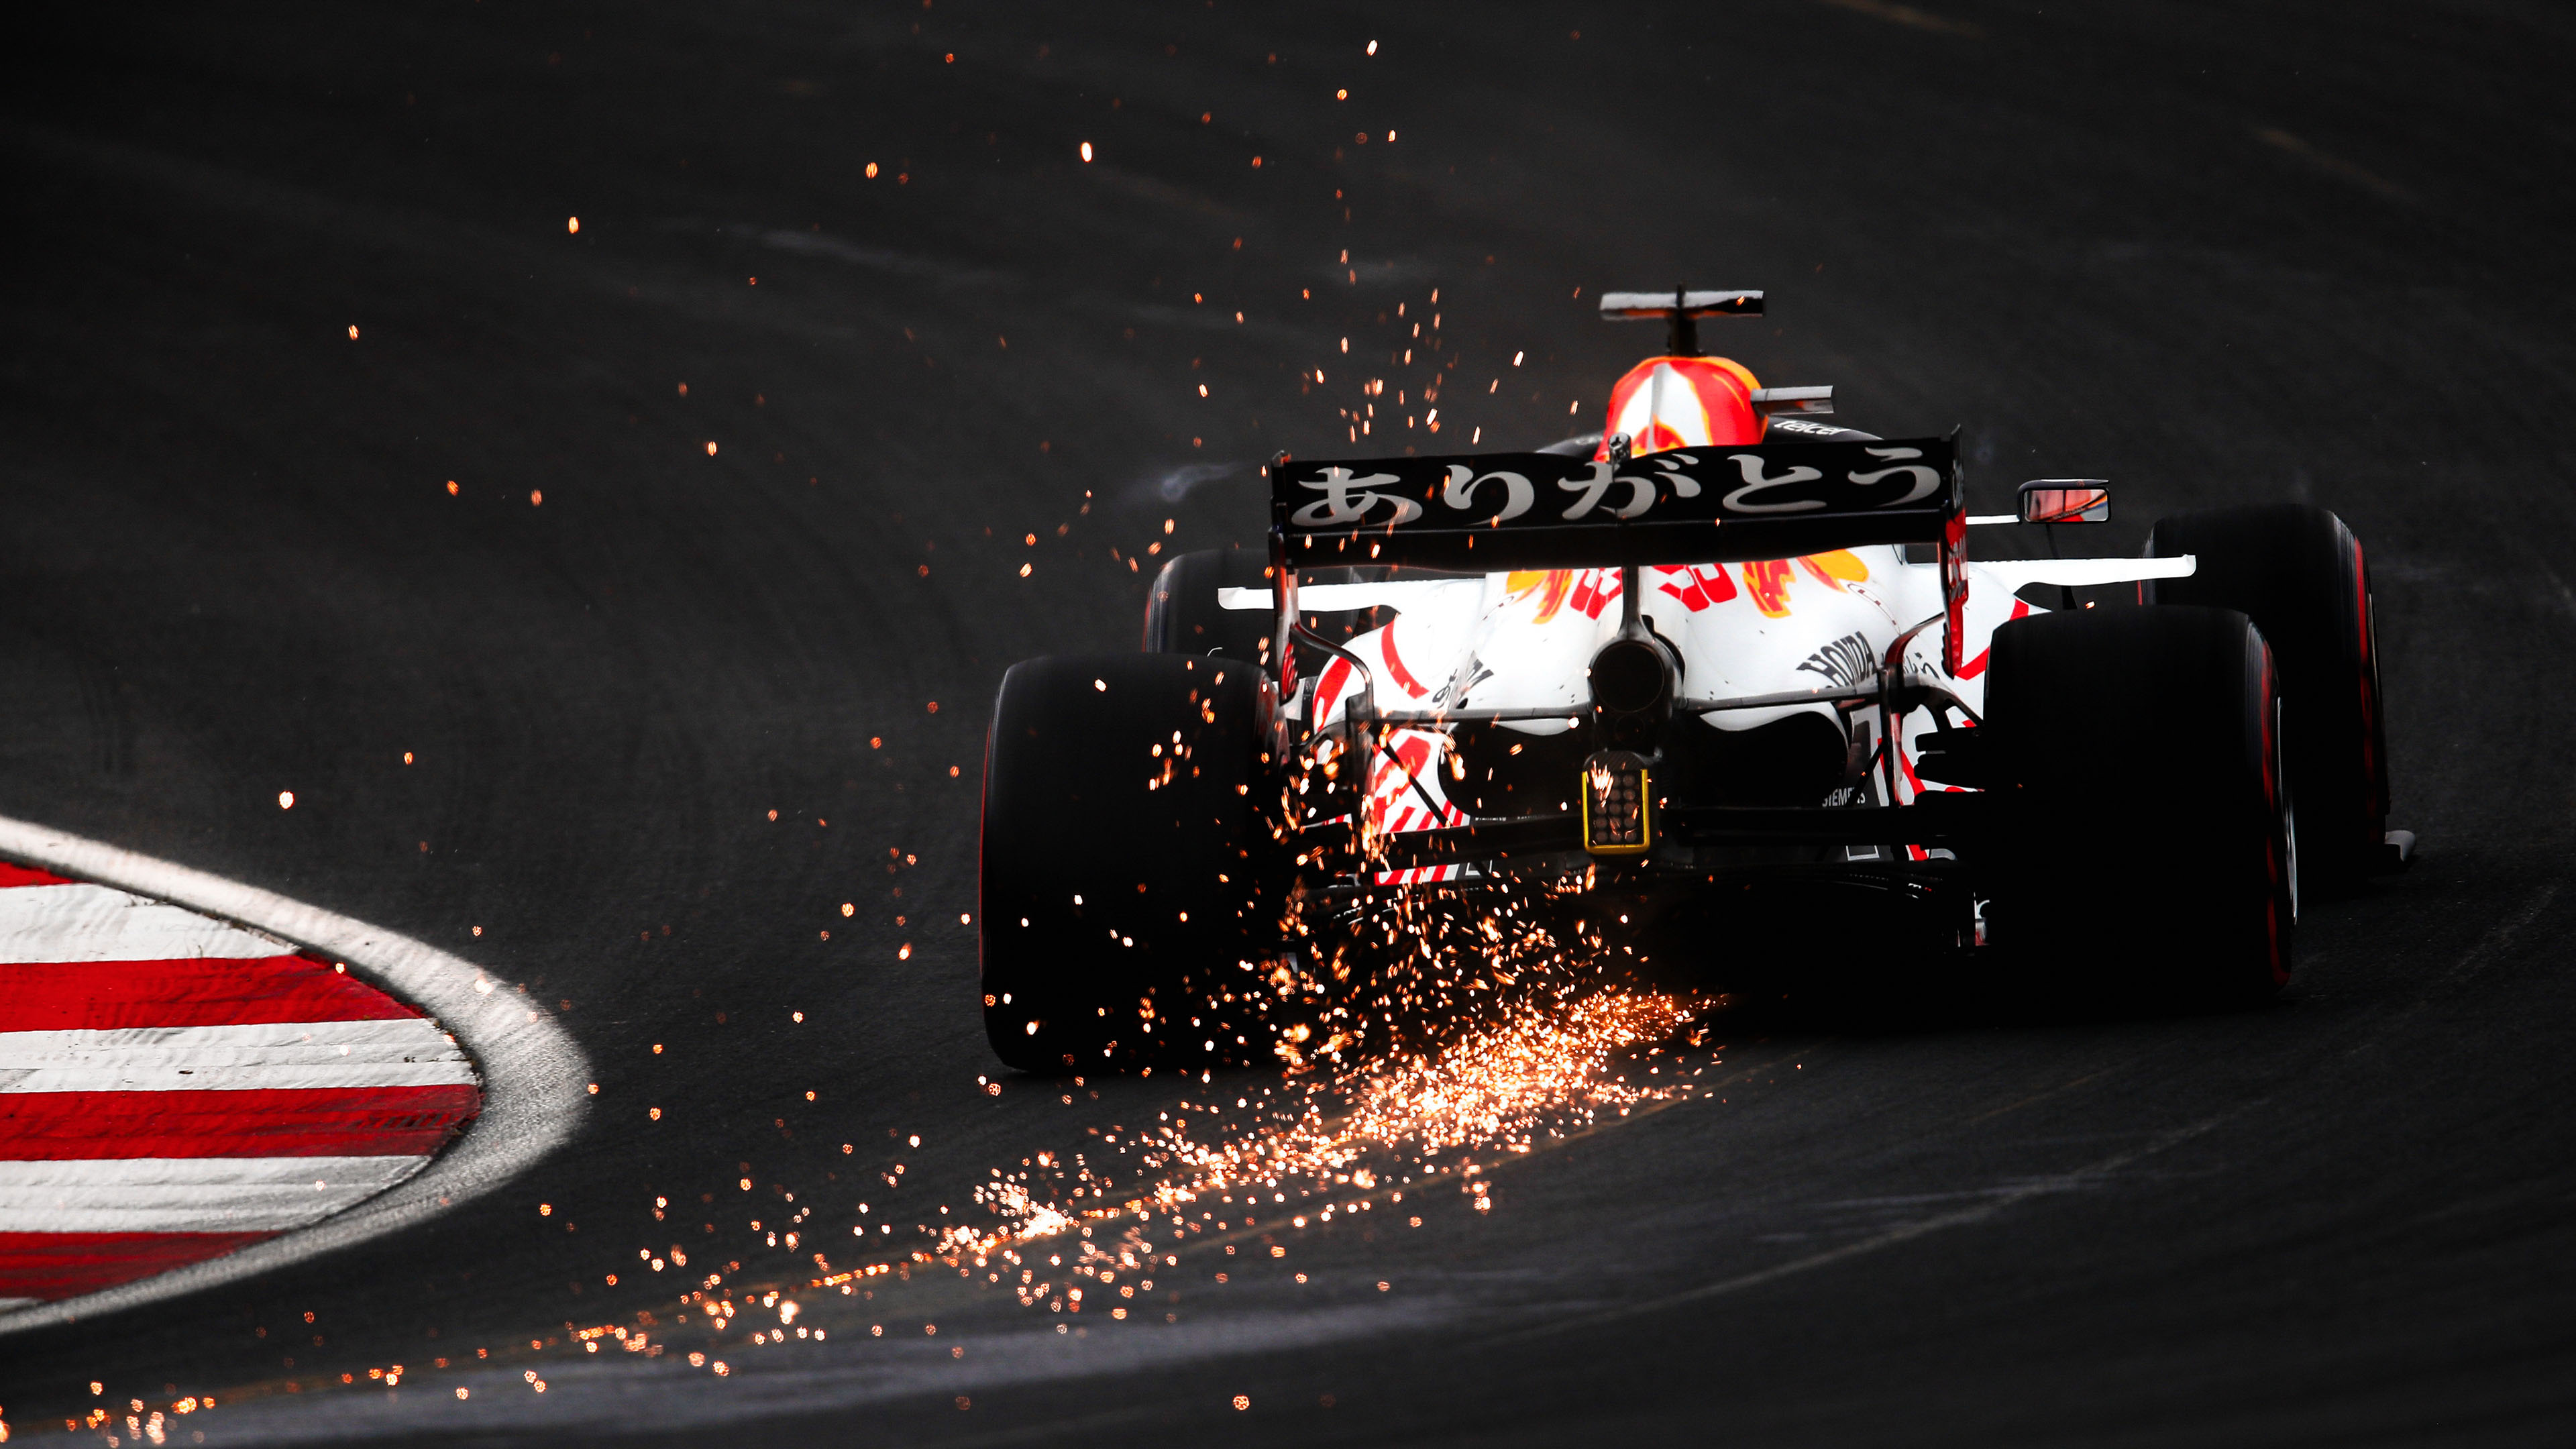 汽车天下,赛车,F1方程式,火花